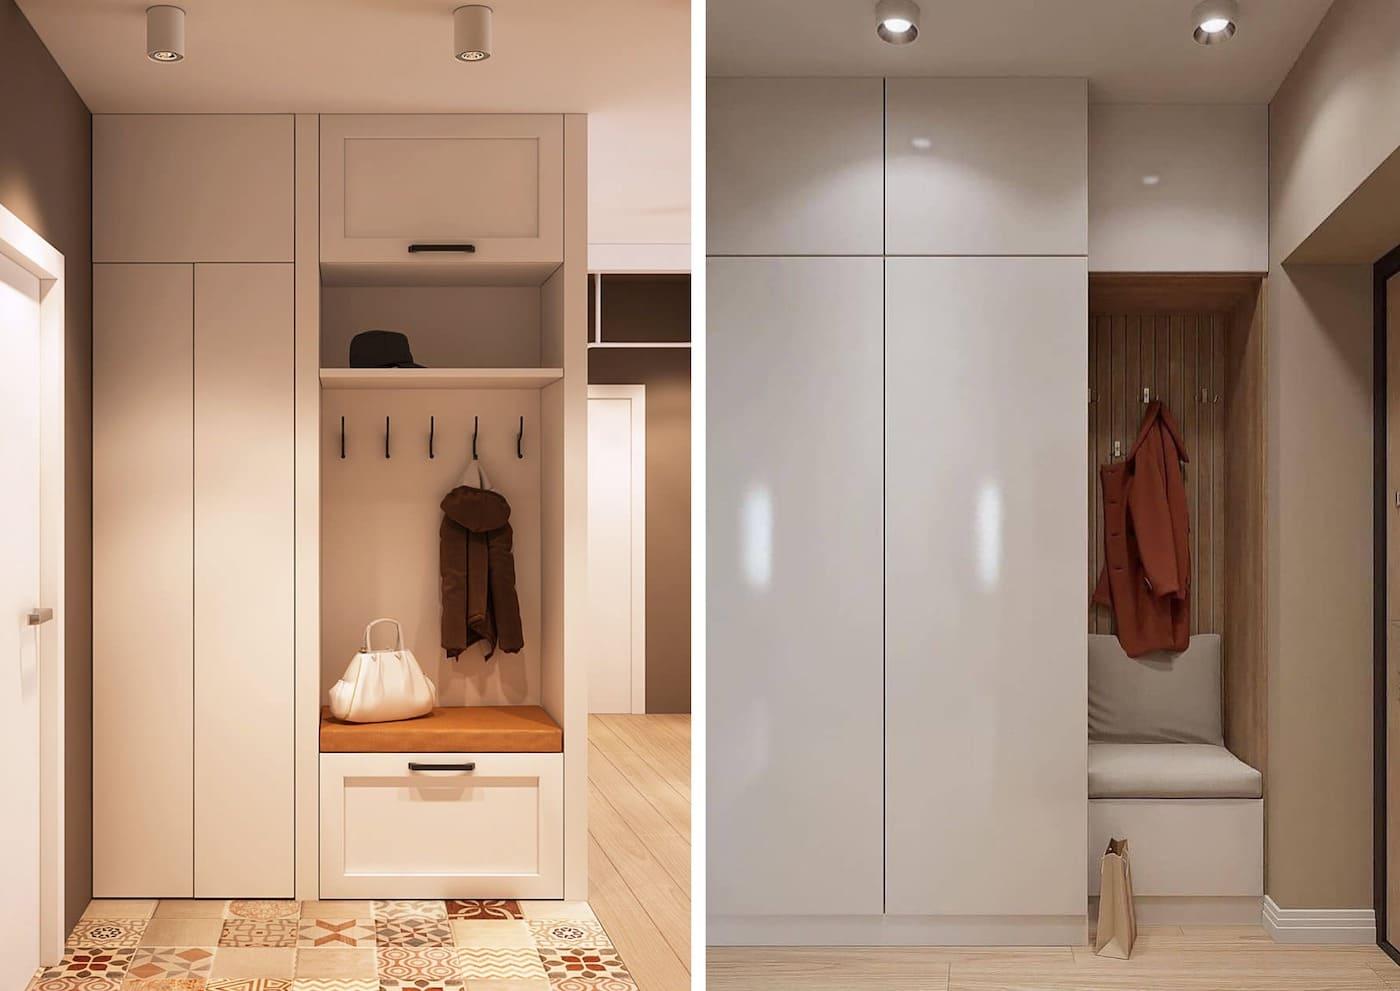 design d'intérieur couloir photo 78